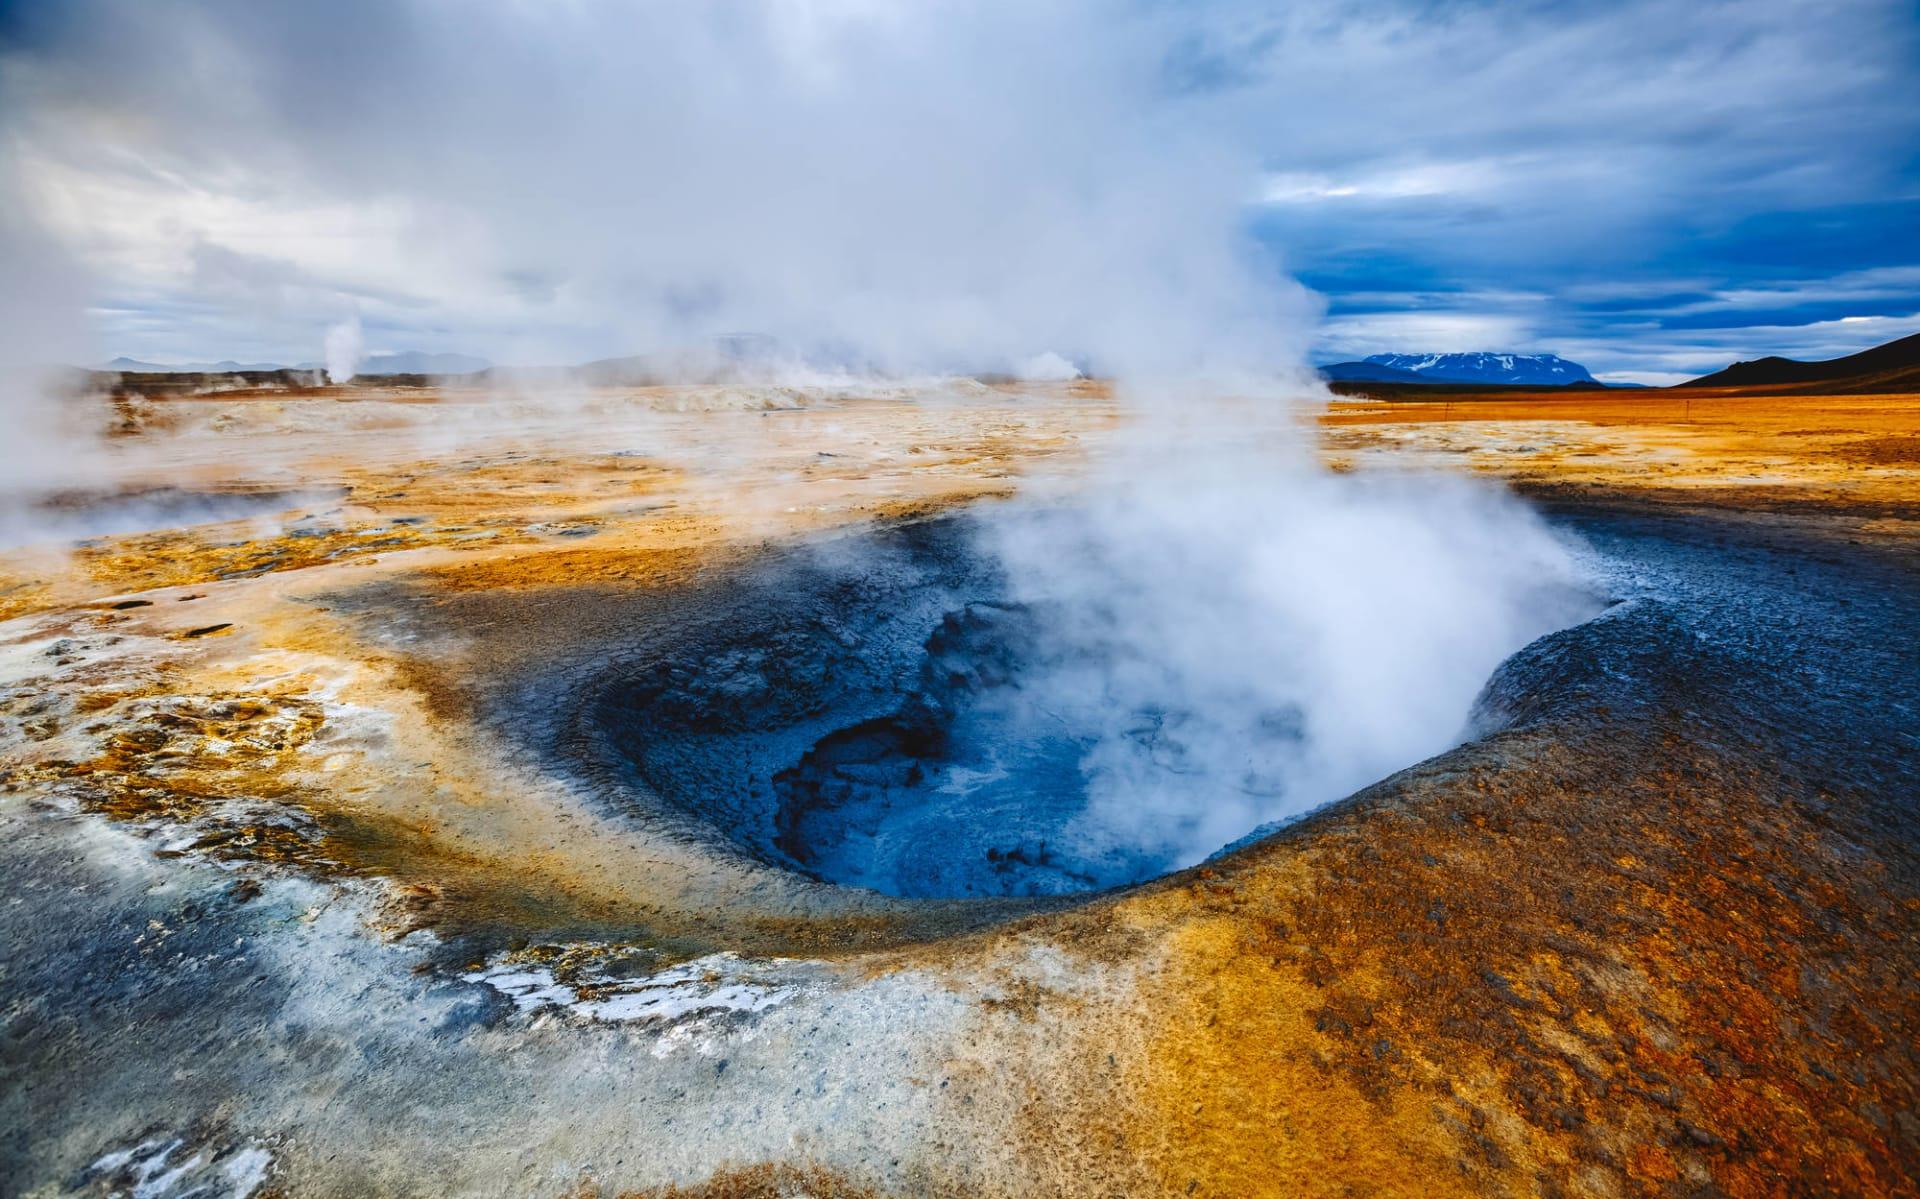 Skútustadir in Myvatn: Ominous view geothermal area Hverir (Hverarond). Beliebte Touristenattraktion. Dramatische und malerische Szene. Lage am Myvatnsee, Krafla